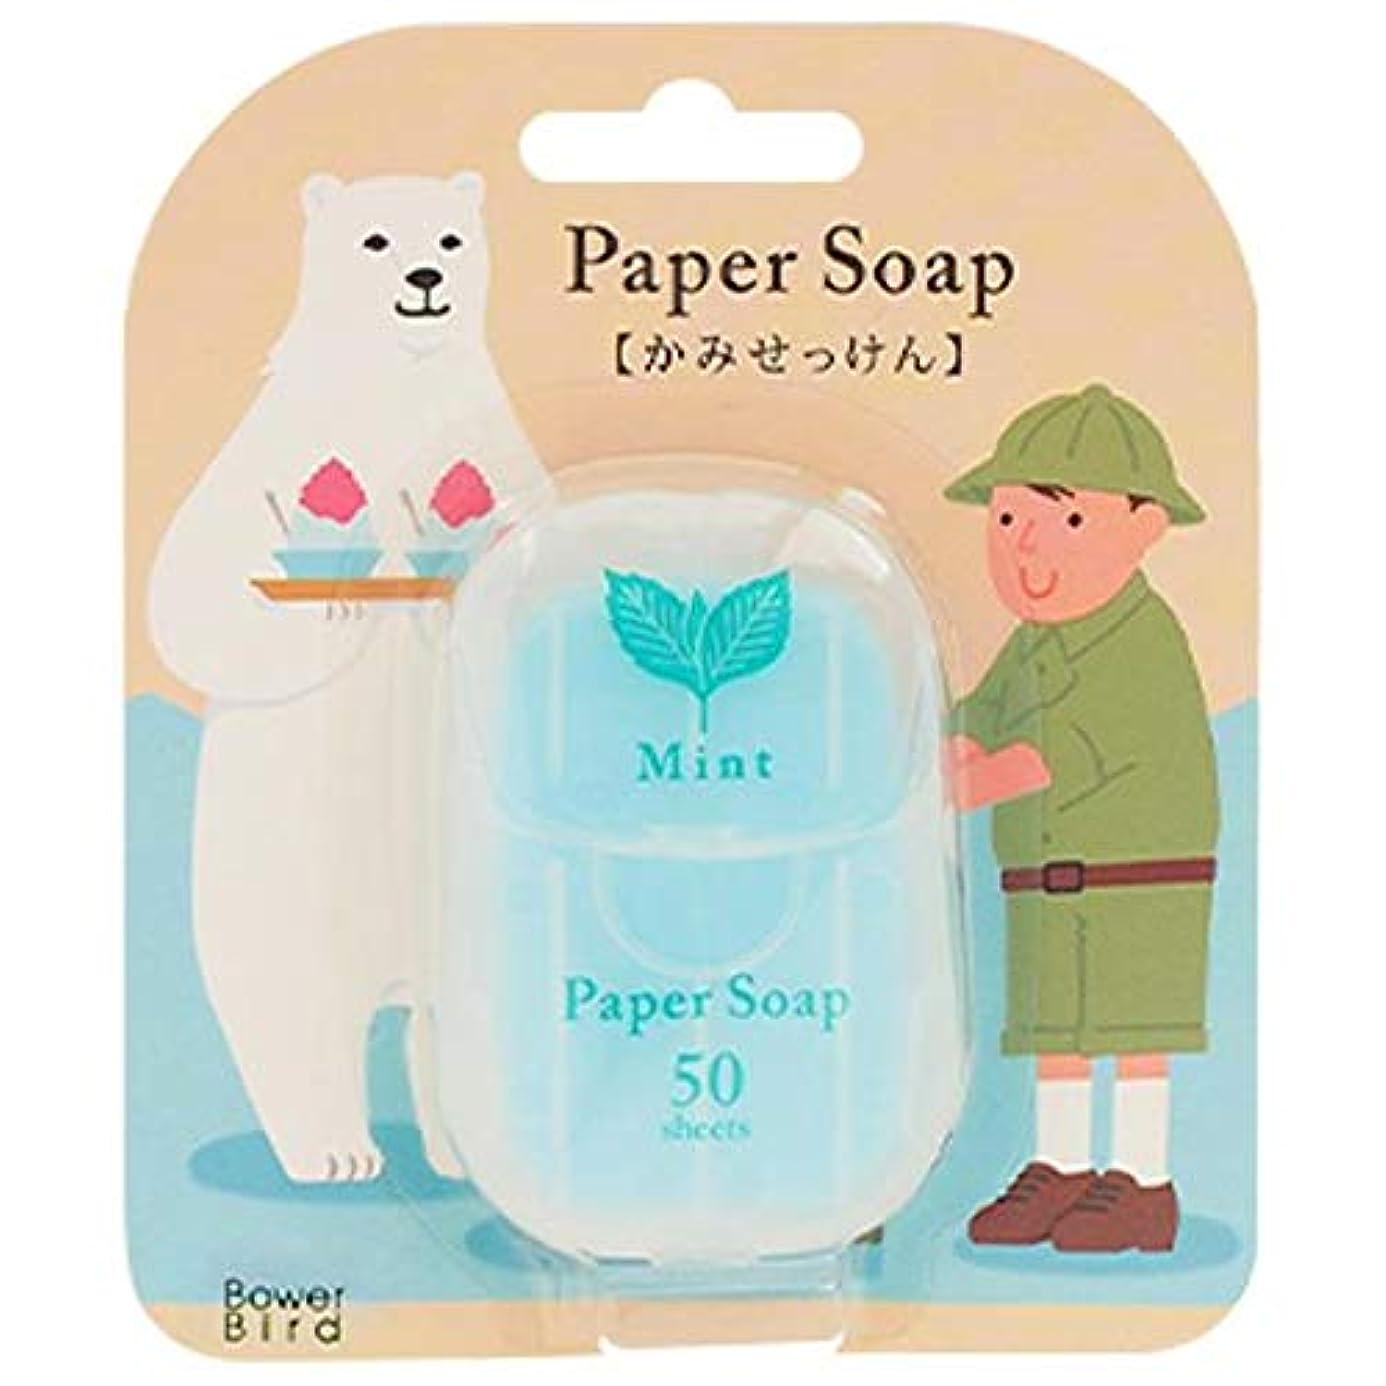 小さな四分円エキゾチックチャーリー ペーパーソープ ミント 50枚